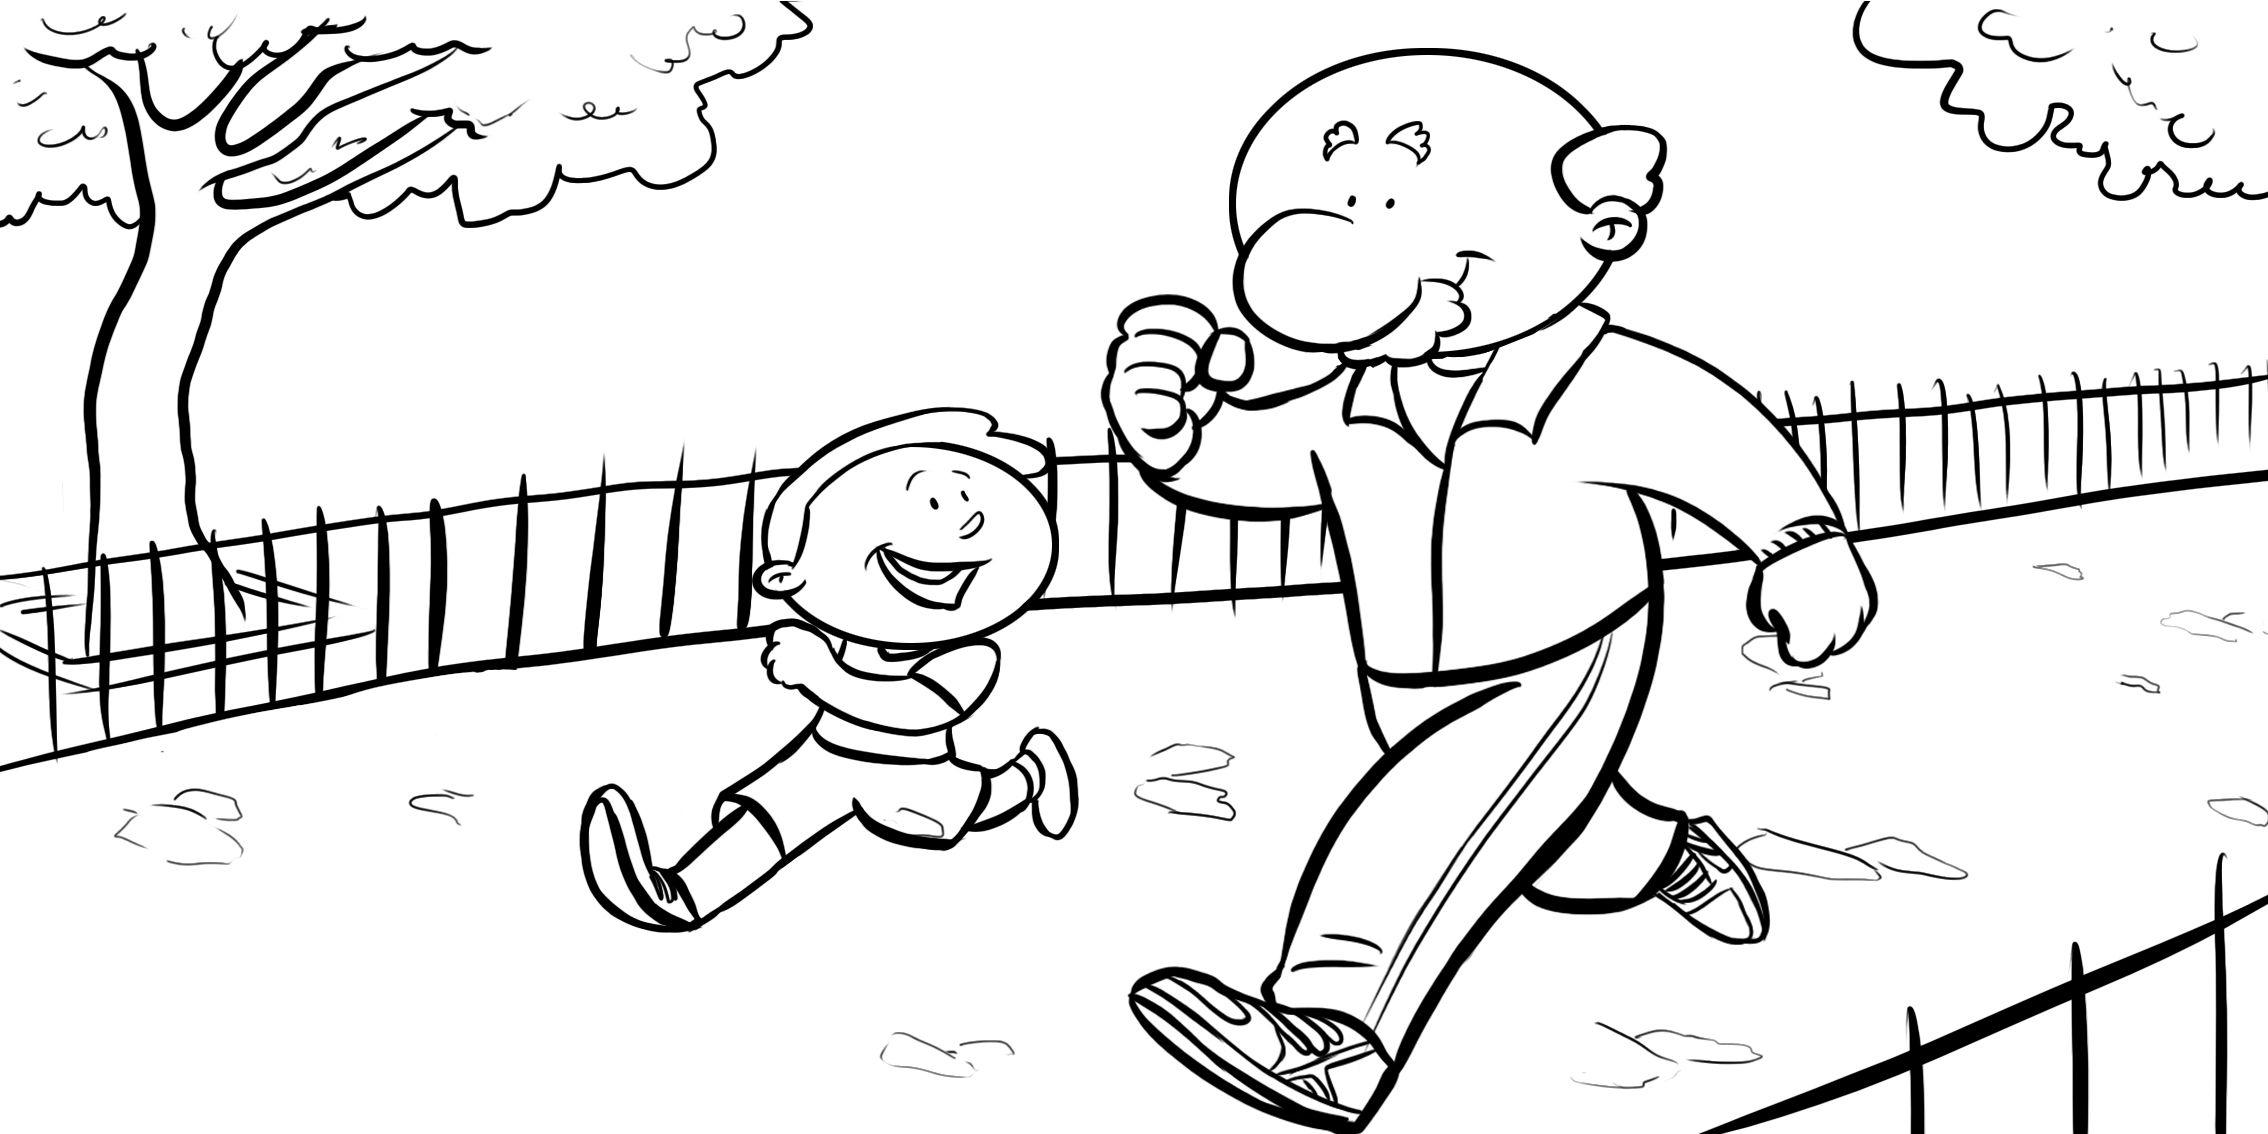 niño pasea con sus abuelos - Buscar con Google | El abuelo de Martín ...